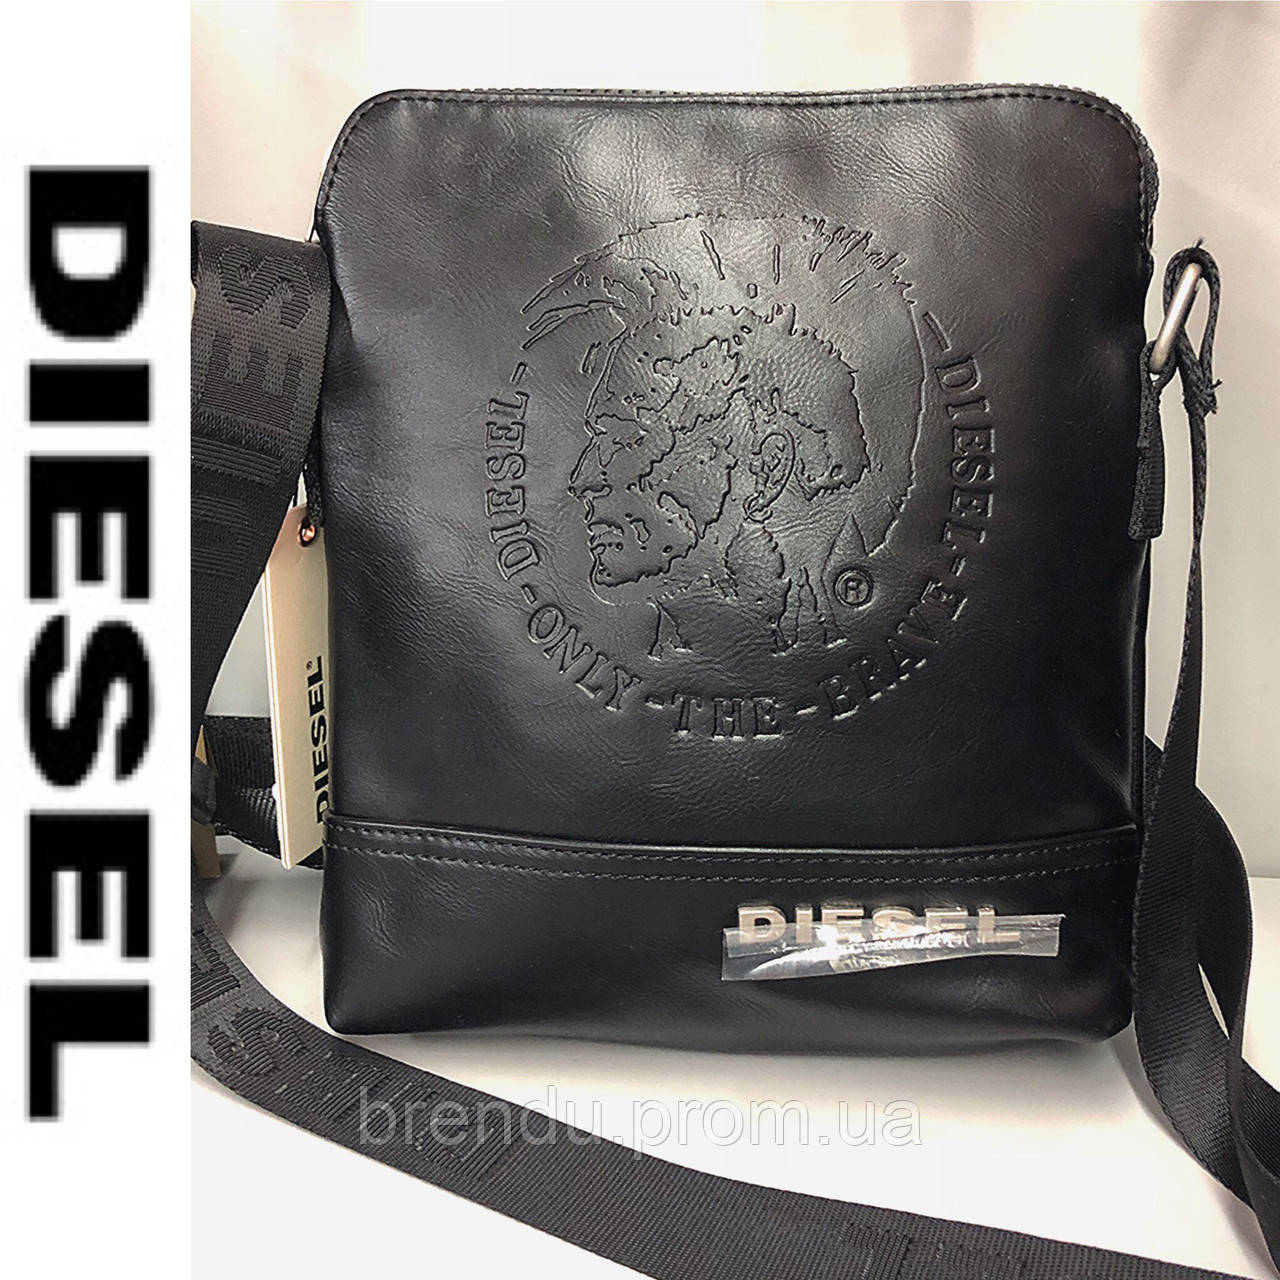 d1a90ac20f8c Сумка Diesel: продажа, цена в Киеве. мужские сумки и барсетки от